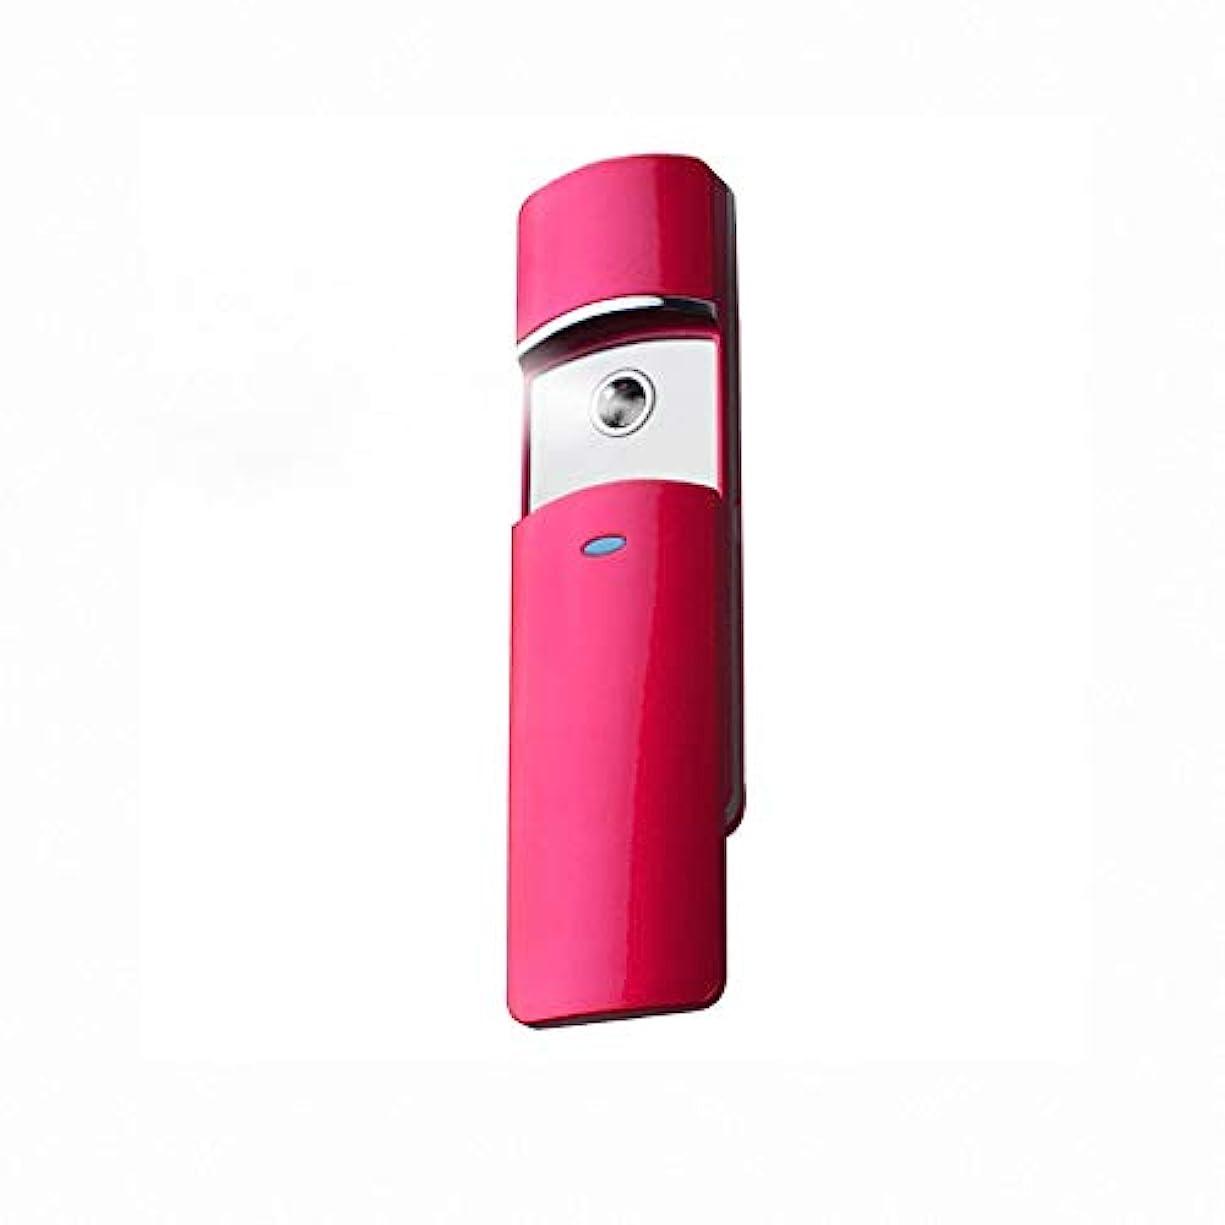 累積キャメル賃金噴霧器usb充電式ポータブルフェイシャルスプレー用スキンケアメイクアップまつげエクステンションポータブル抗アレルギースチーマー充電器